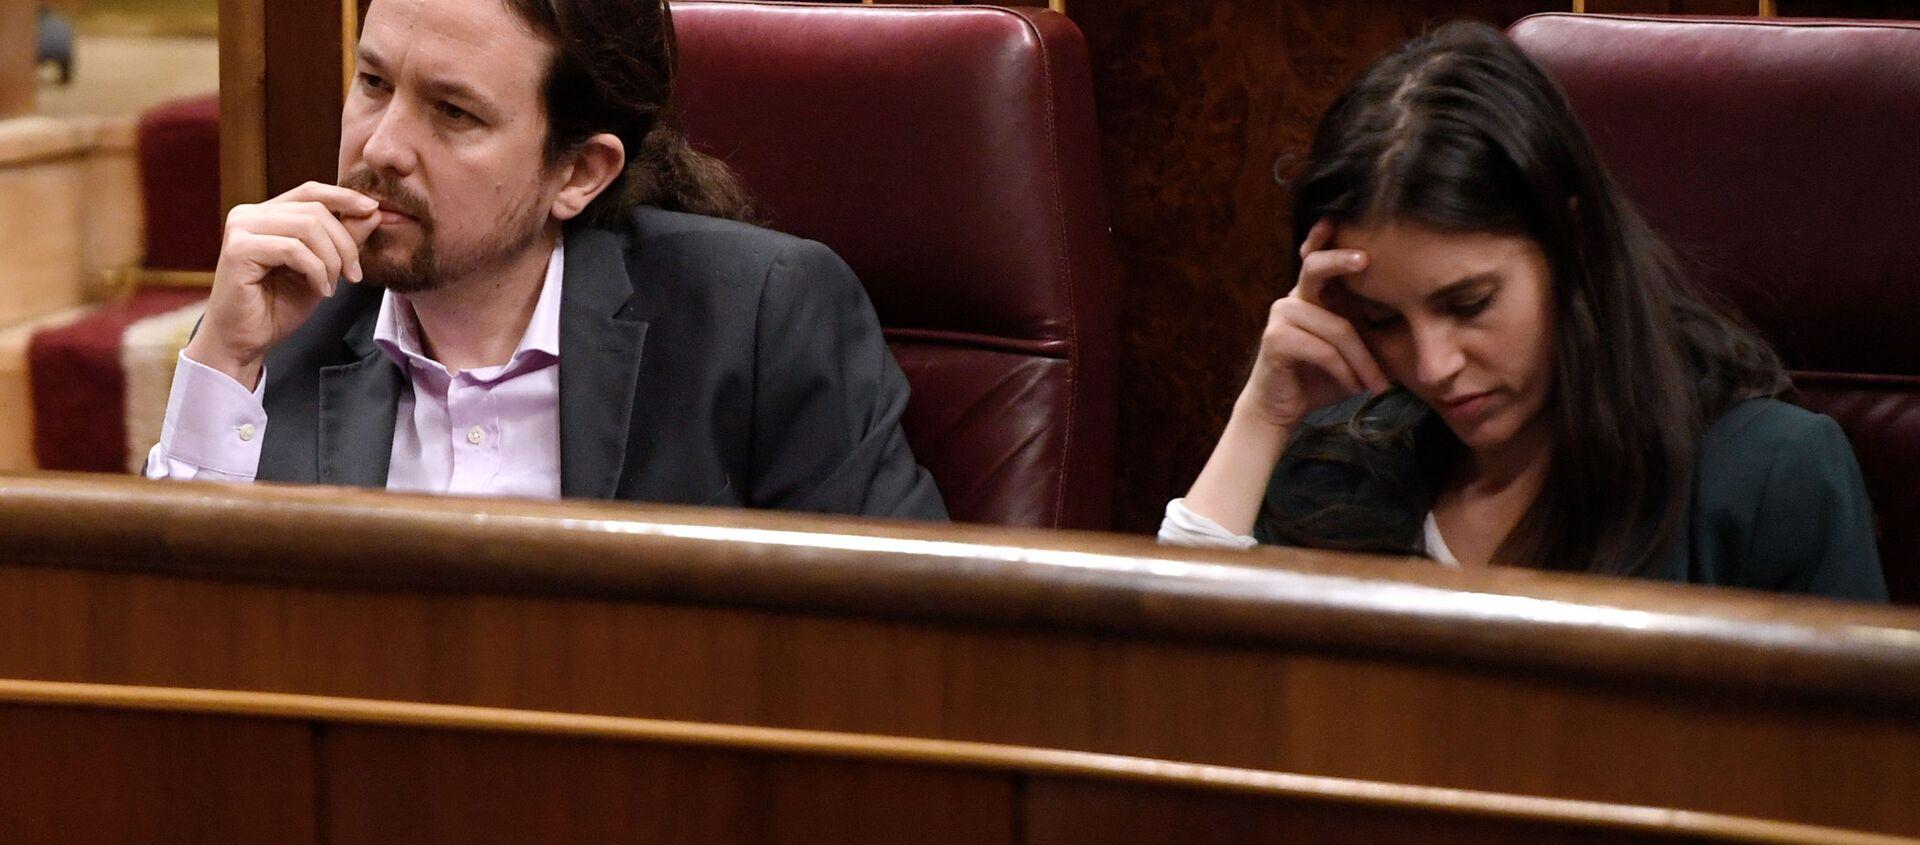 Pablo Iglesias e Irene Montero en el congreso de los diputados - Sputnik Mundo, 1920, 03.02.2021